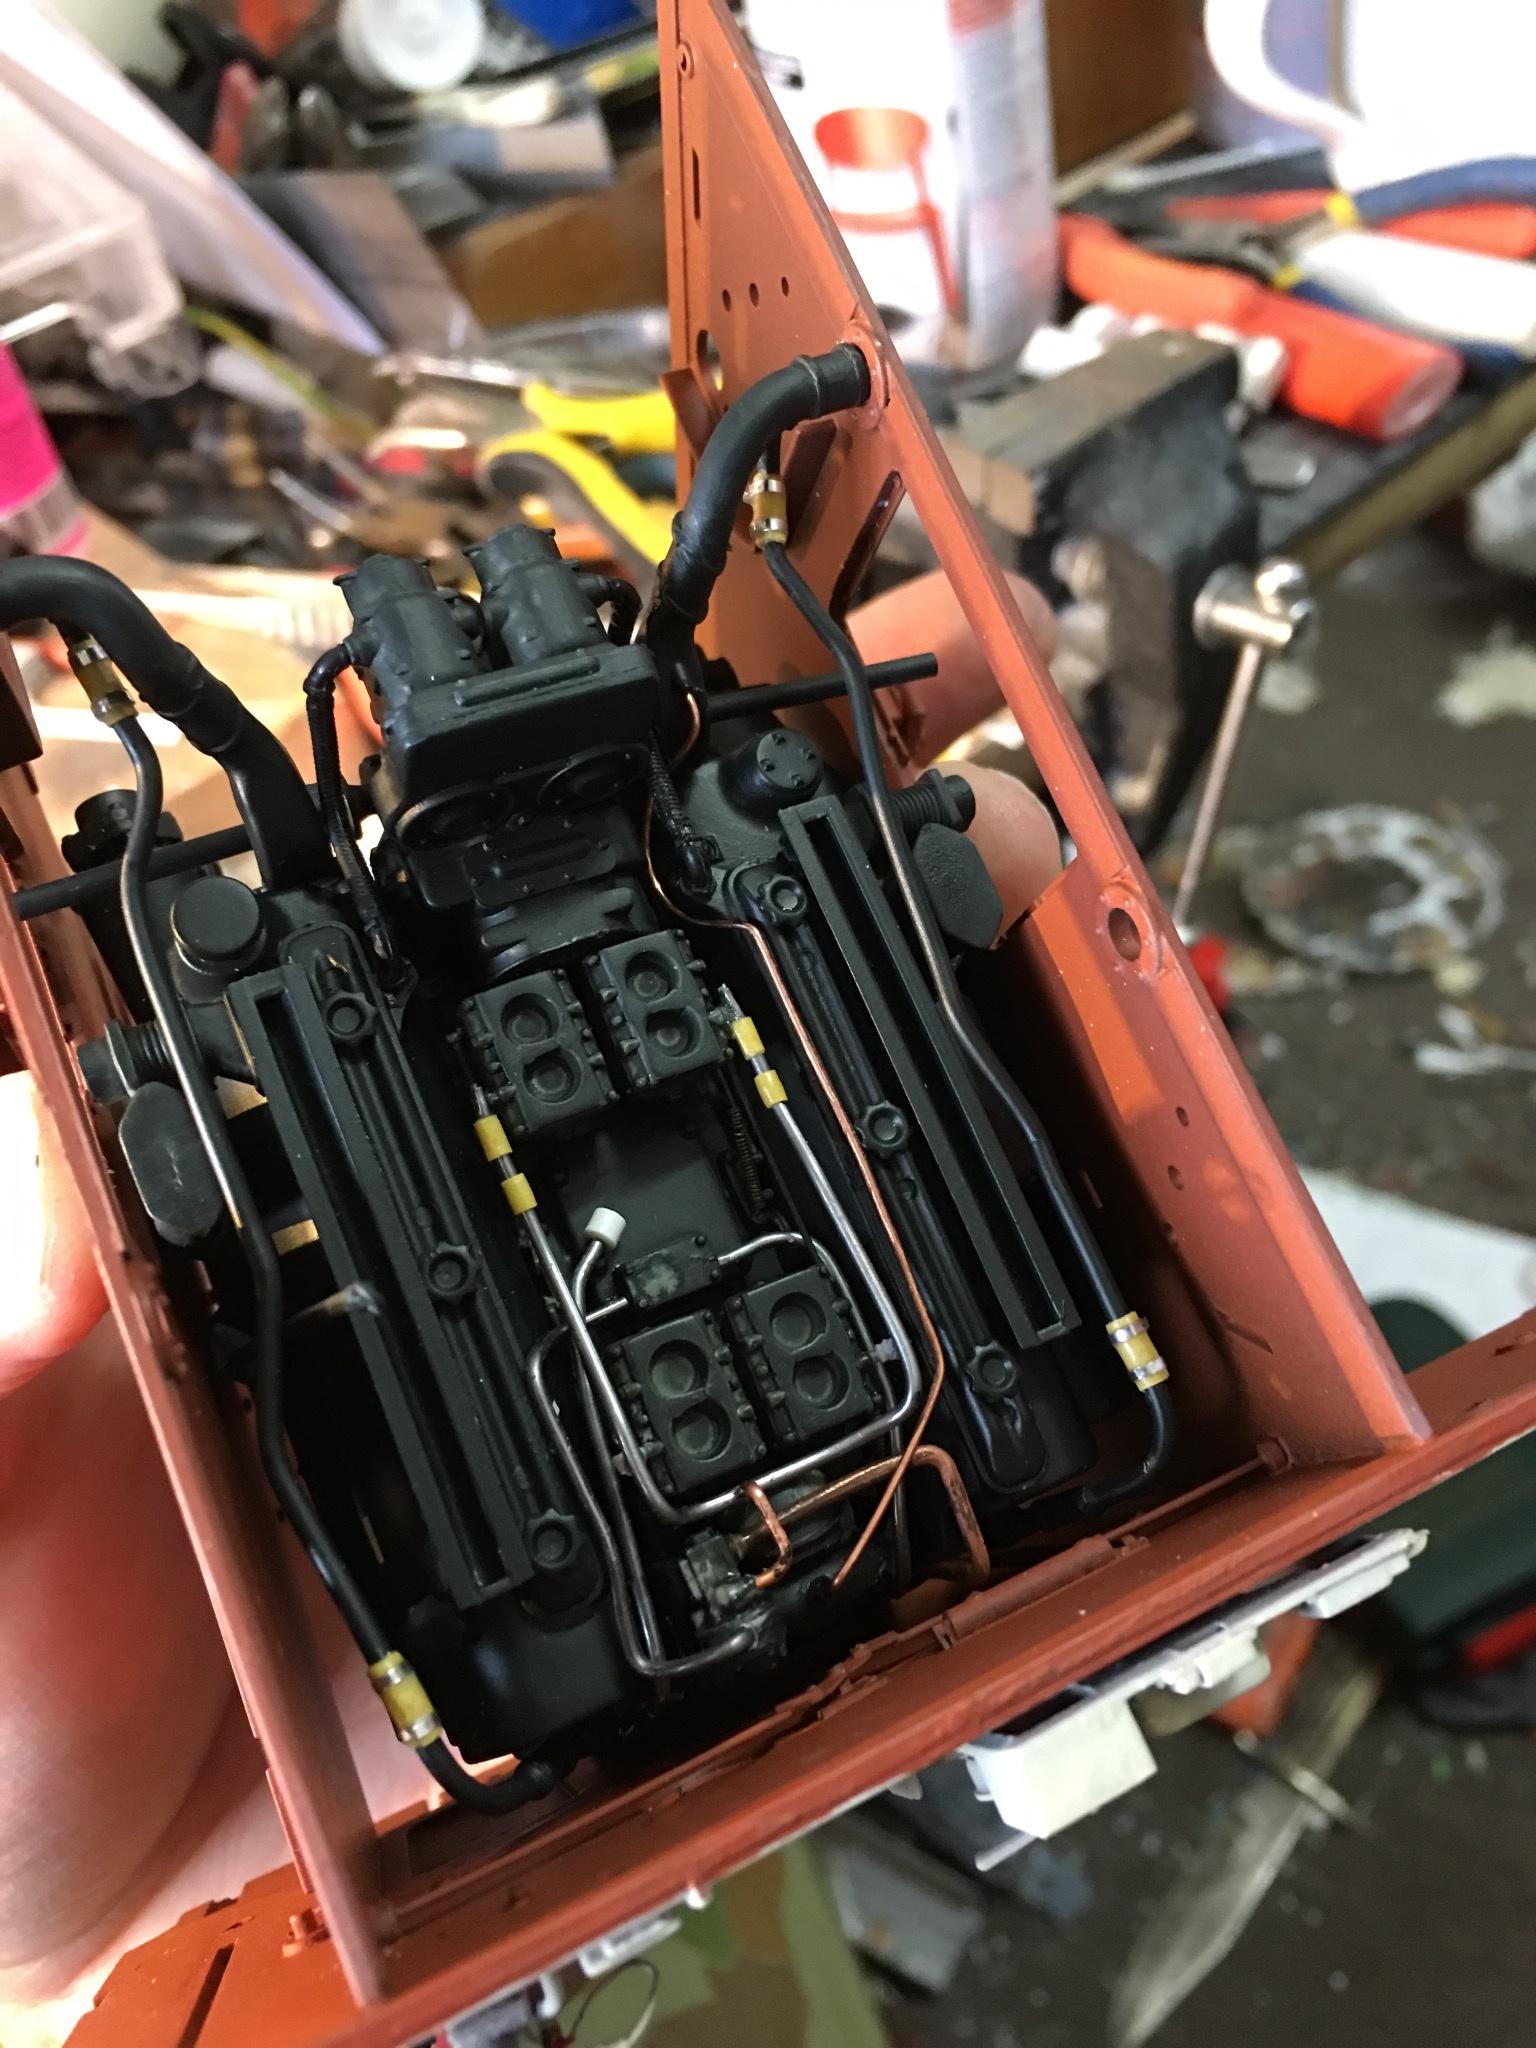 BD58BEB9-2C1C-42D7-BF88-B83DA660CFFA.jpeg